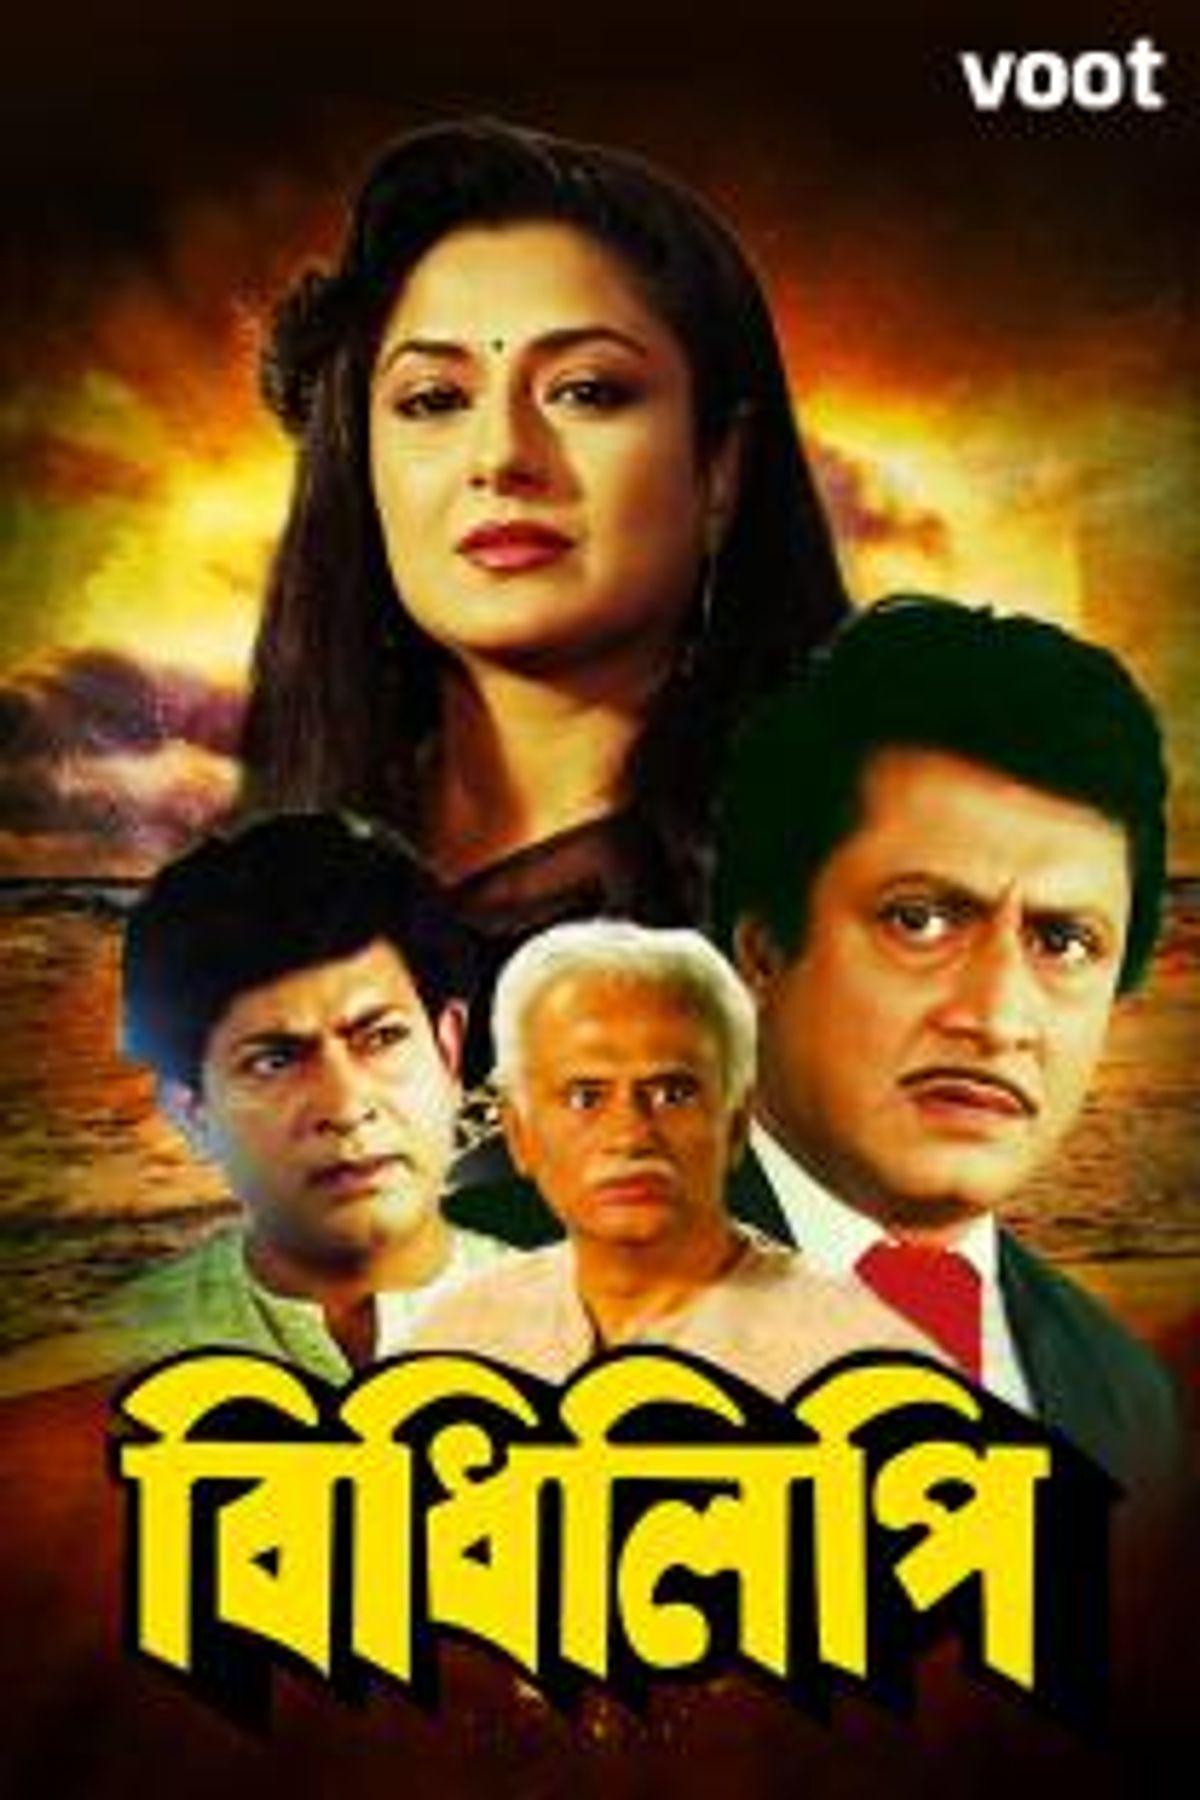 Joy Sengupta Best Movies, TV Shows and Web Series List